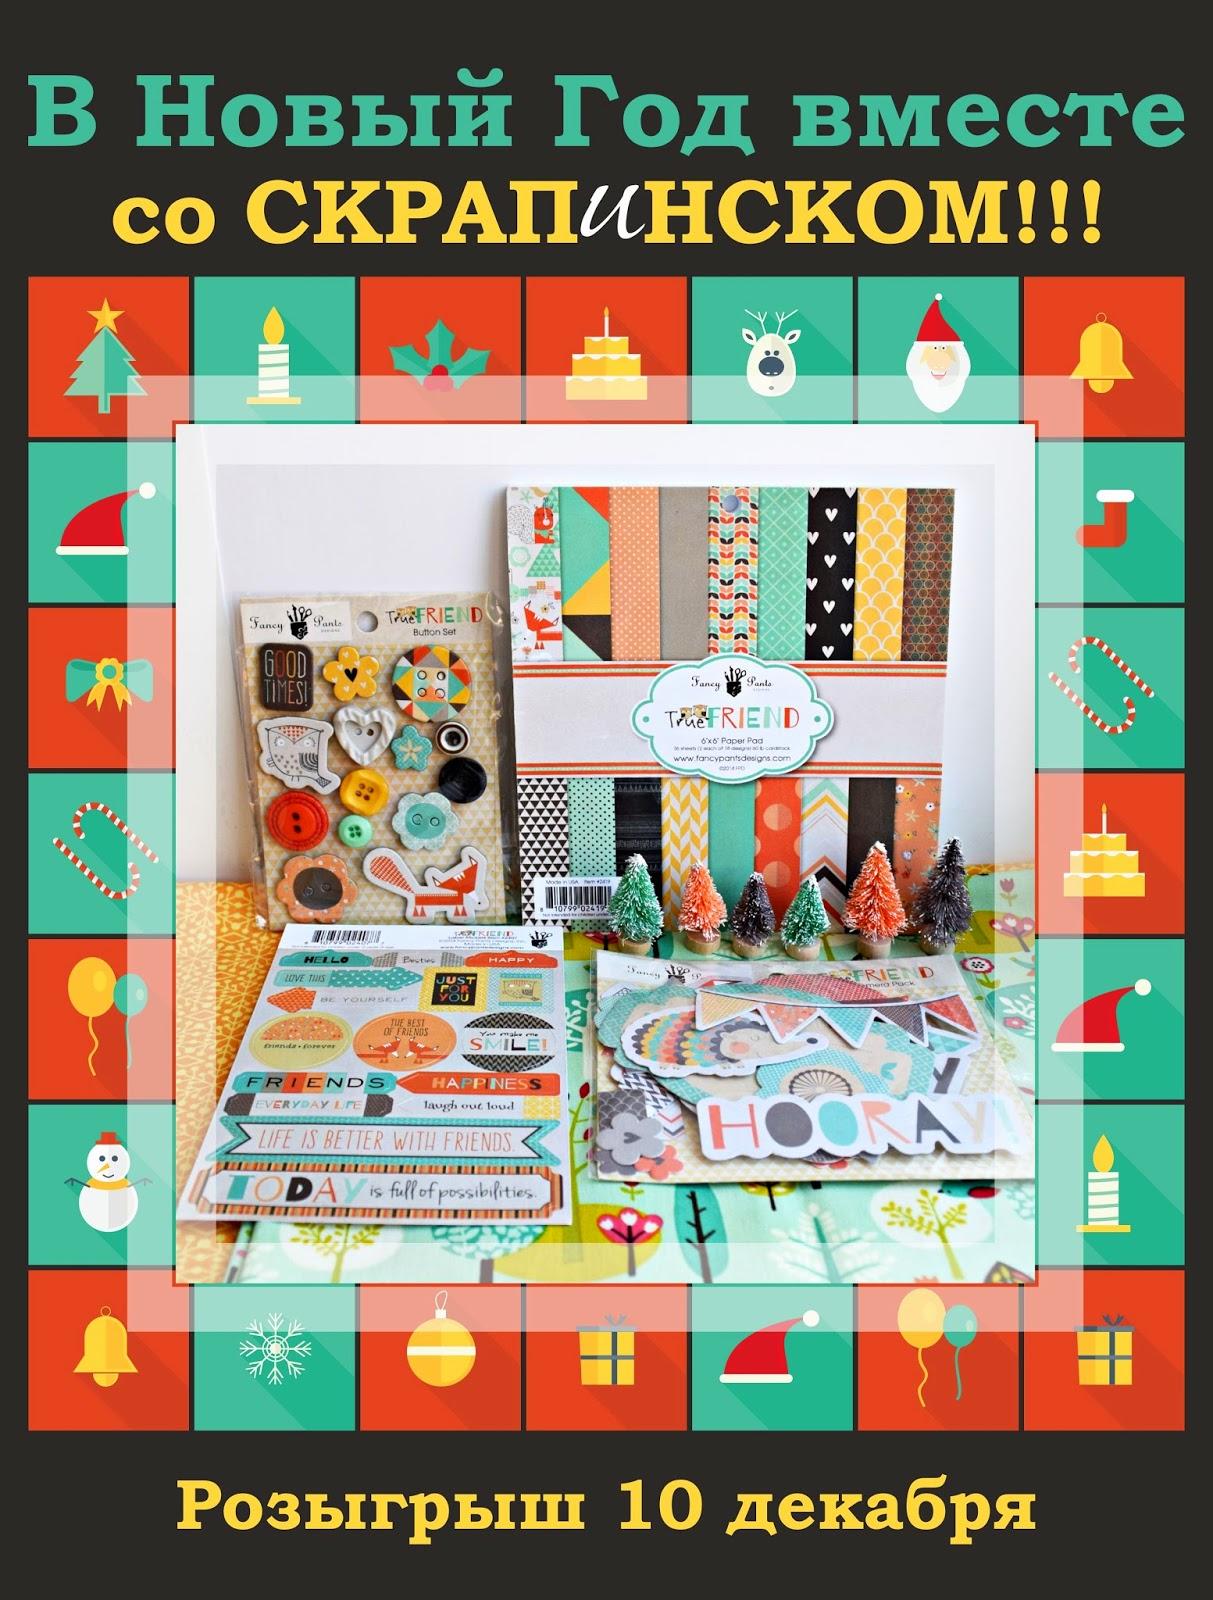 Новогодняя конфетка от СКРАПИНСКА! до 10 декабря